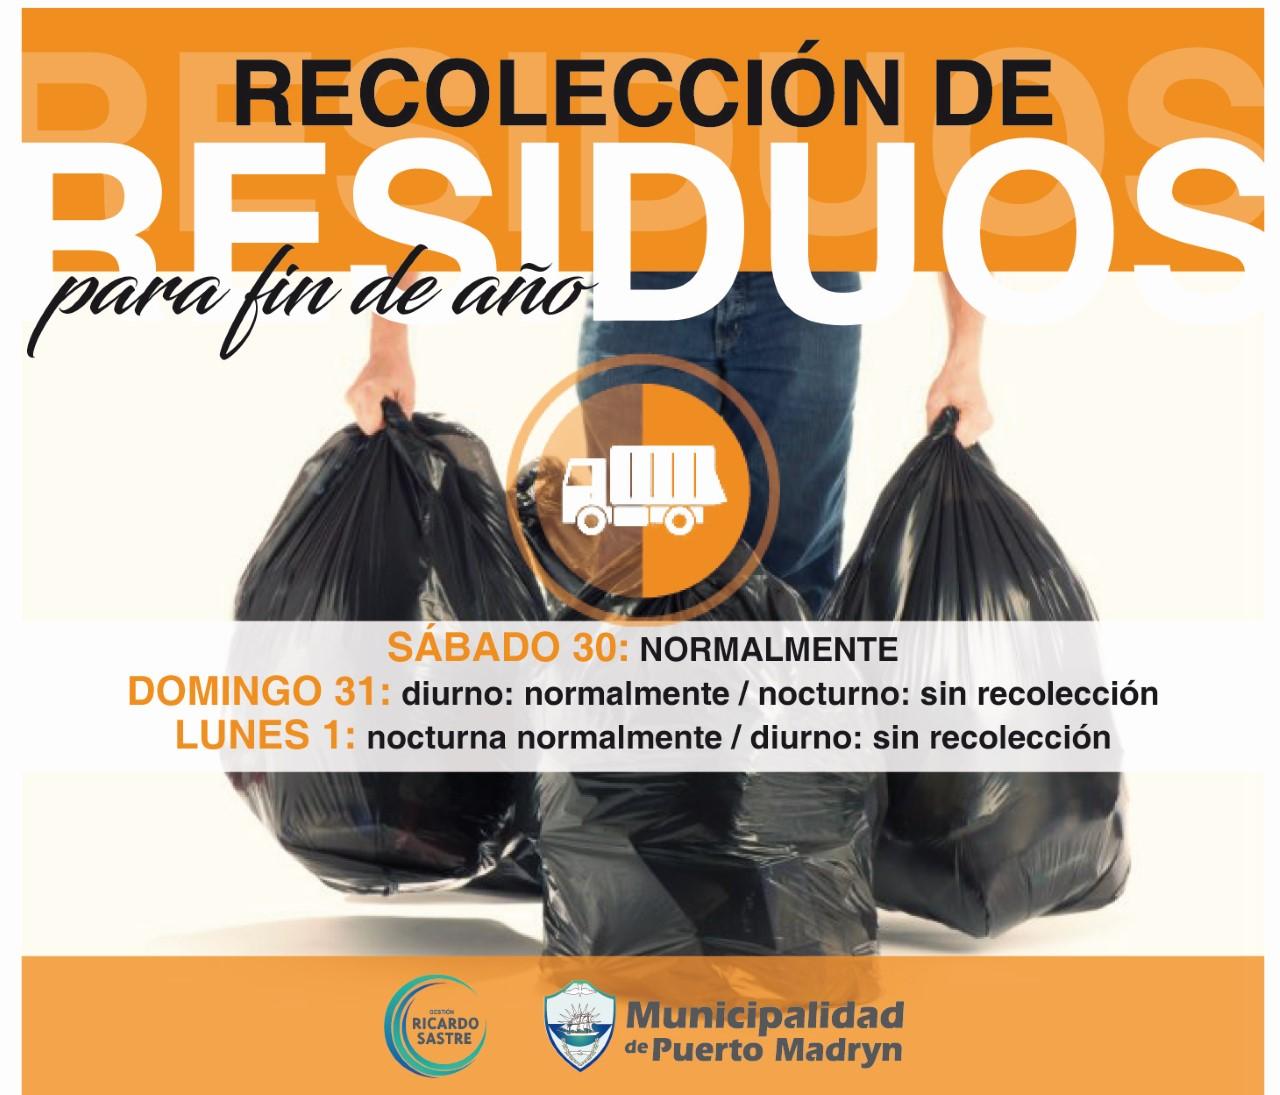 Recolección de Residuos Urbanos de Fin de Año.